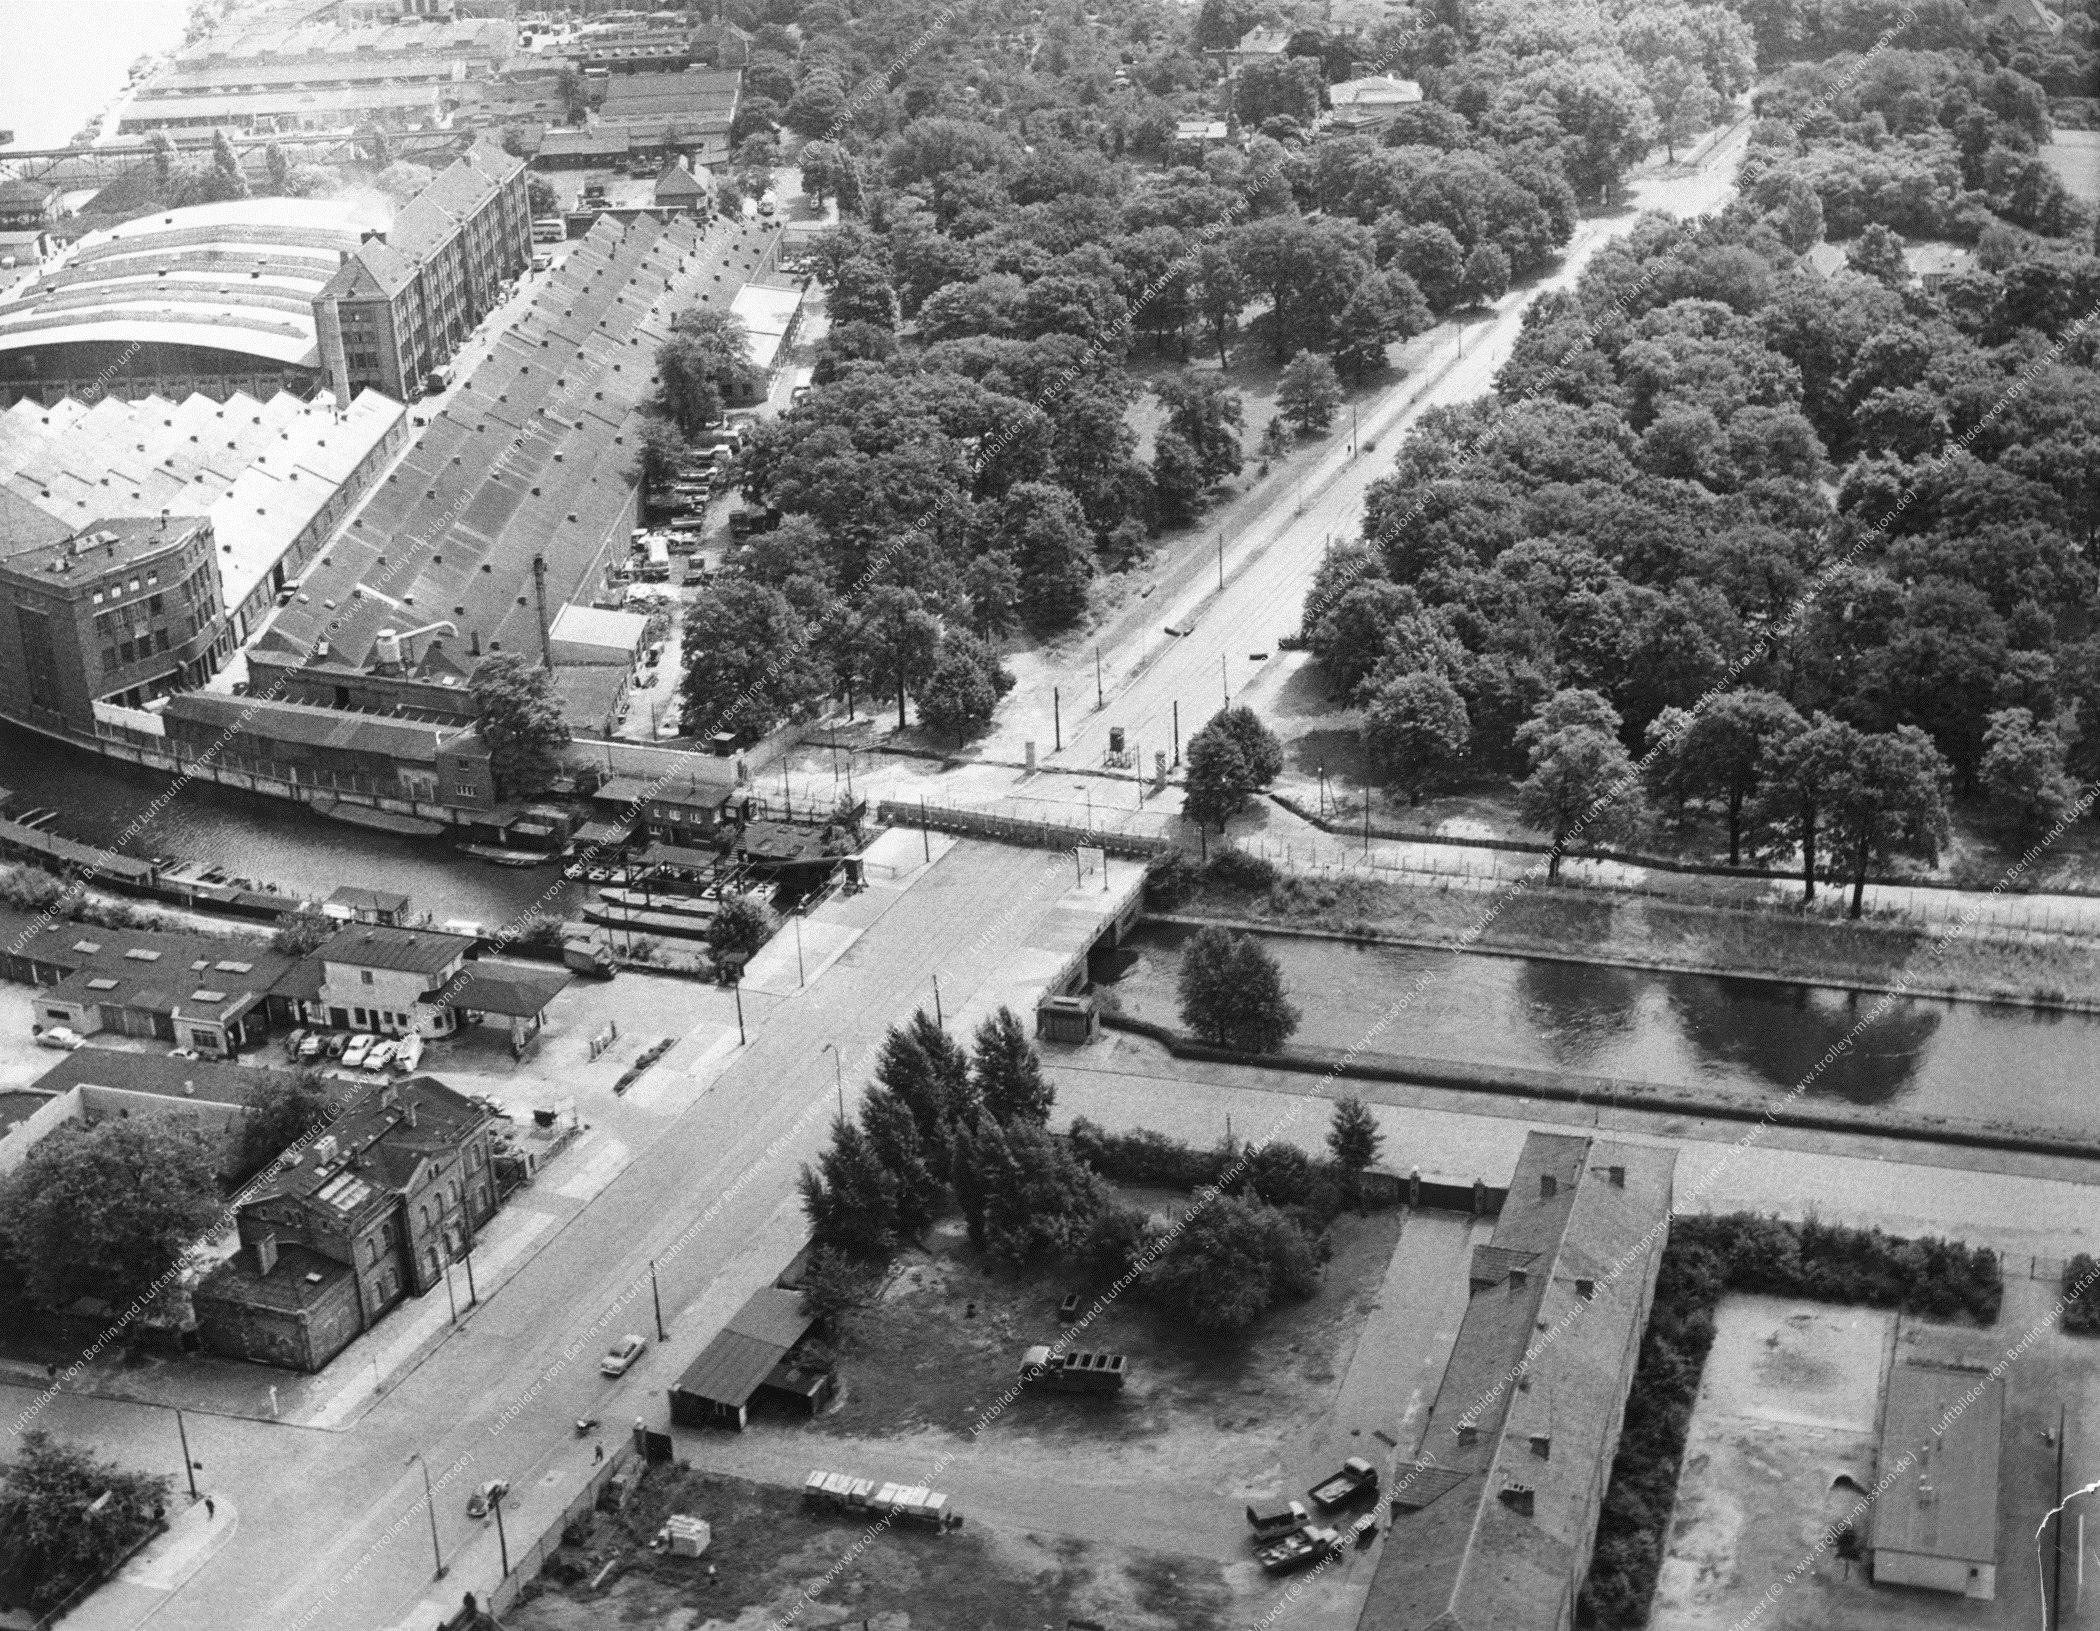 Luftbild der Lohmühleninsel zwischen Landwehrkanal und Flutgraben zwischen Puschkinallee und der Straße vor dem Schlesischen Tor (Bild 037)